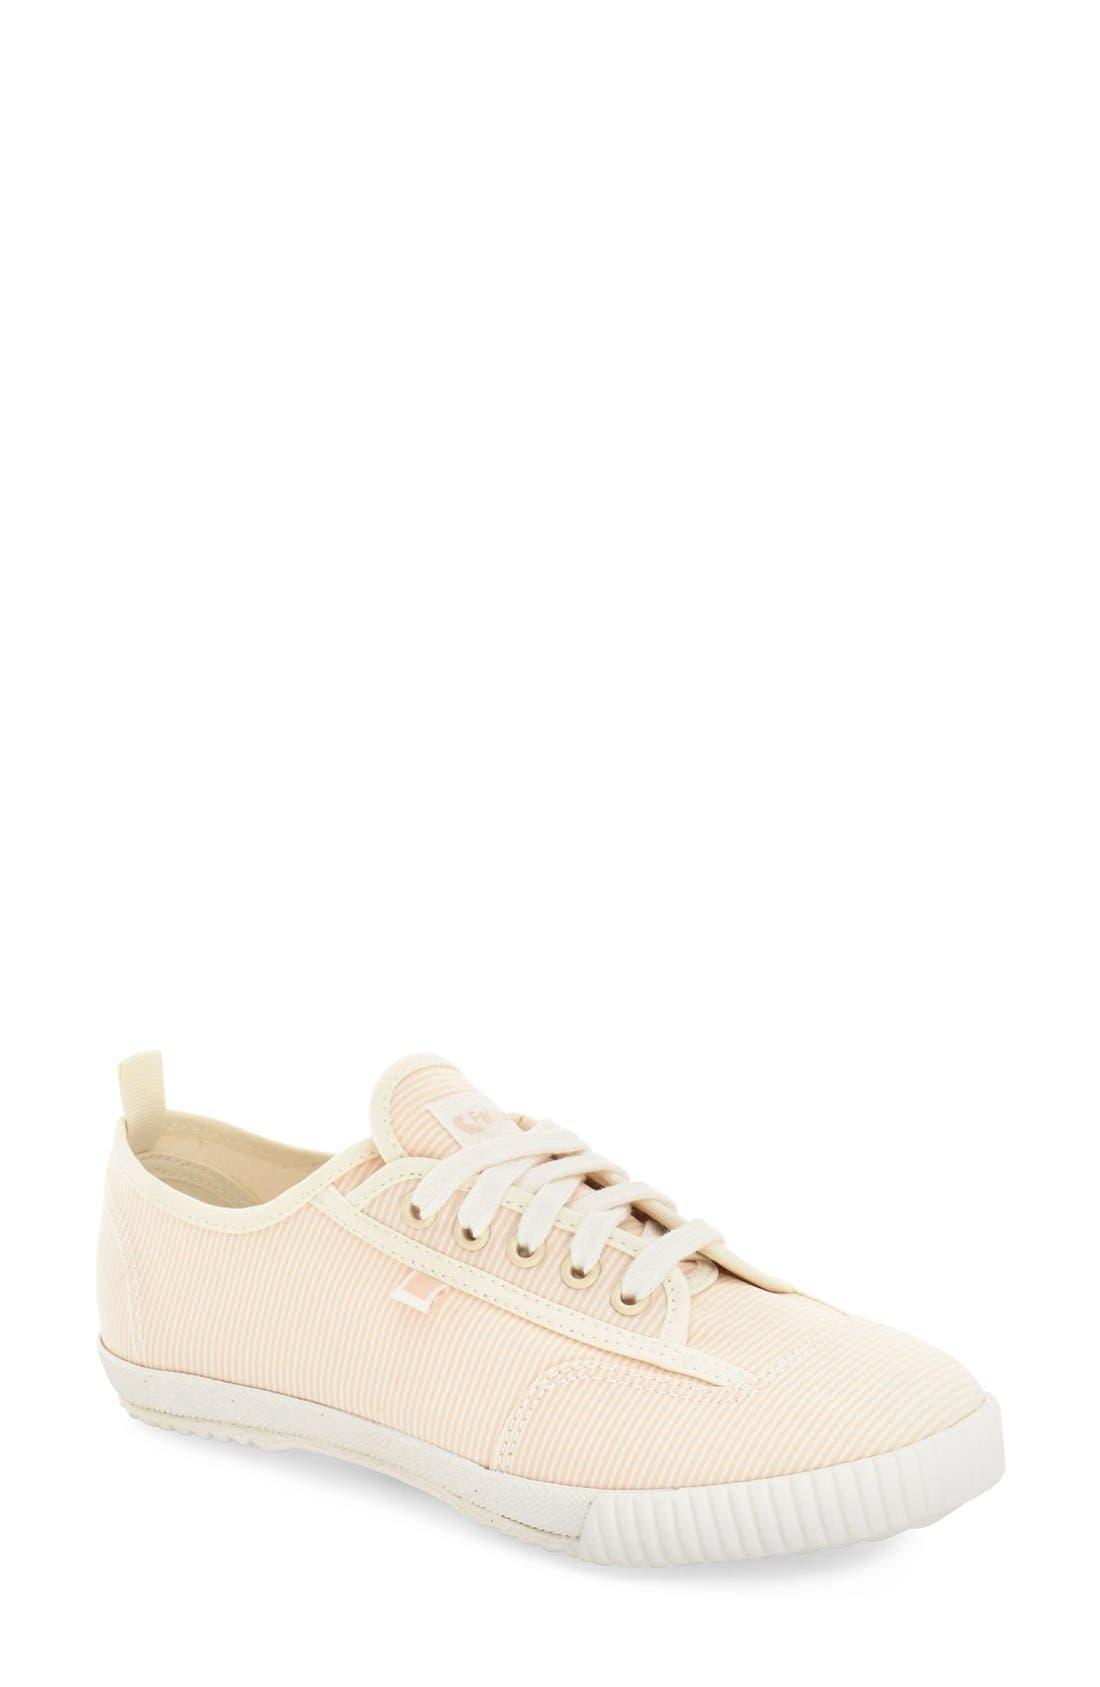 FEIYUE. 'Valerie' Canvas Sneaker